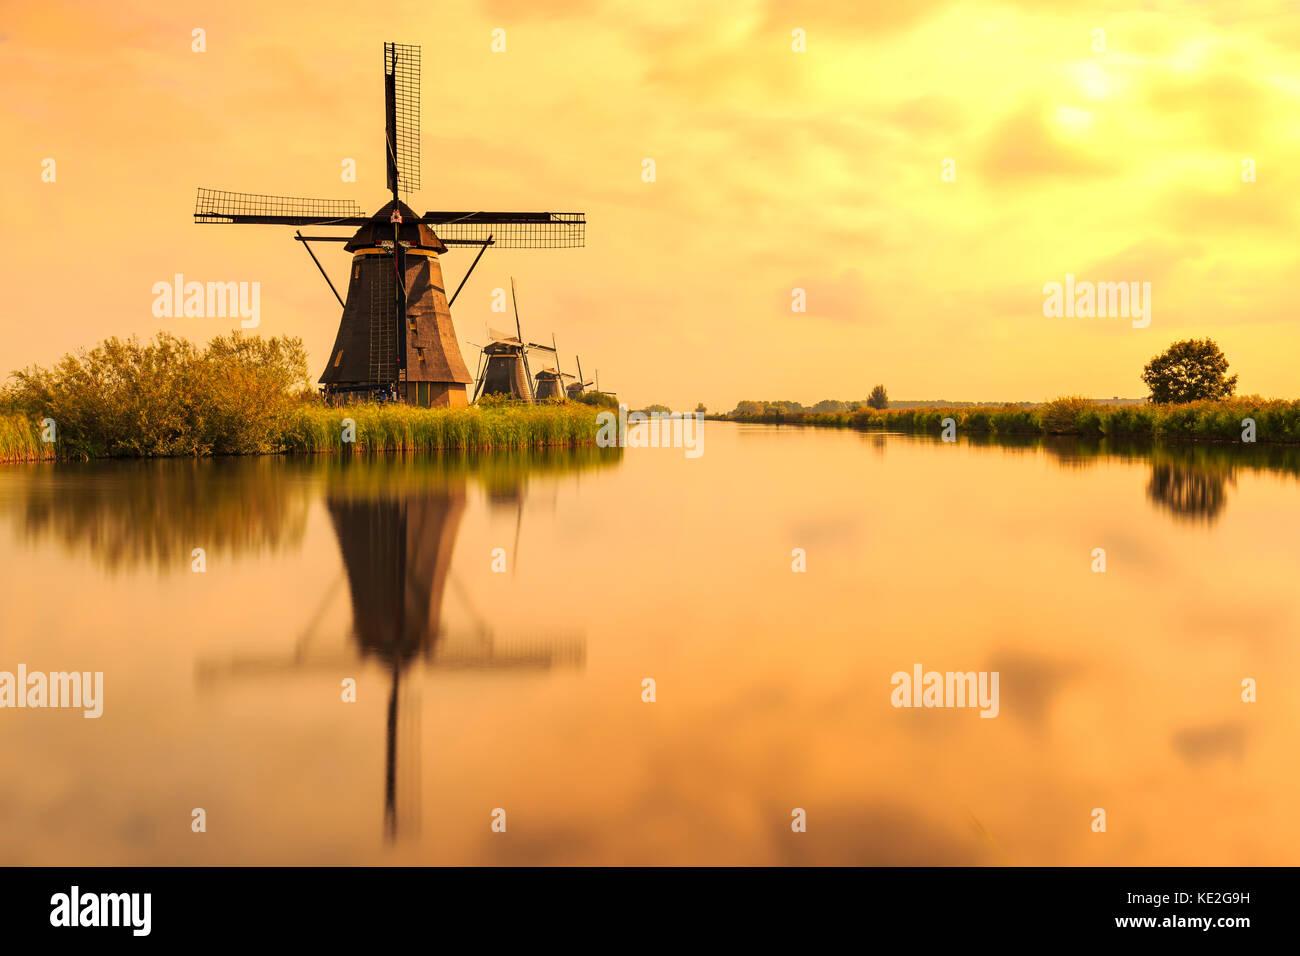 Tradizionali mulini a vento olandese kinderdijk, mondo patrimonio Unesco, in una giornata di sole tarda estate. Immagini Stock